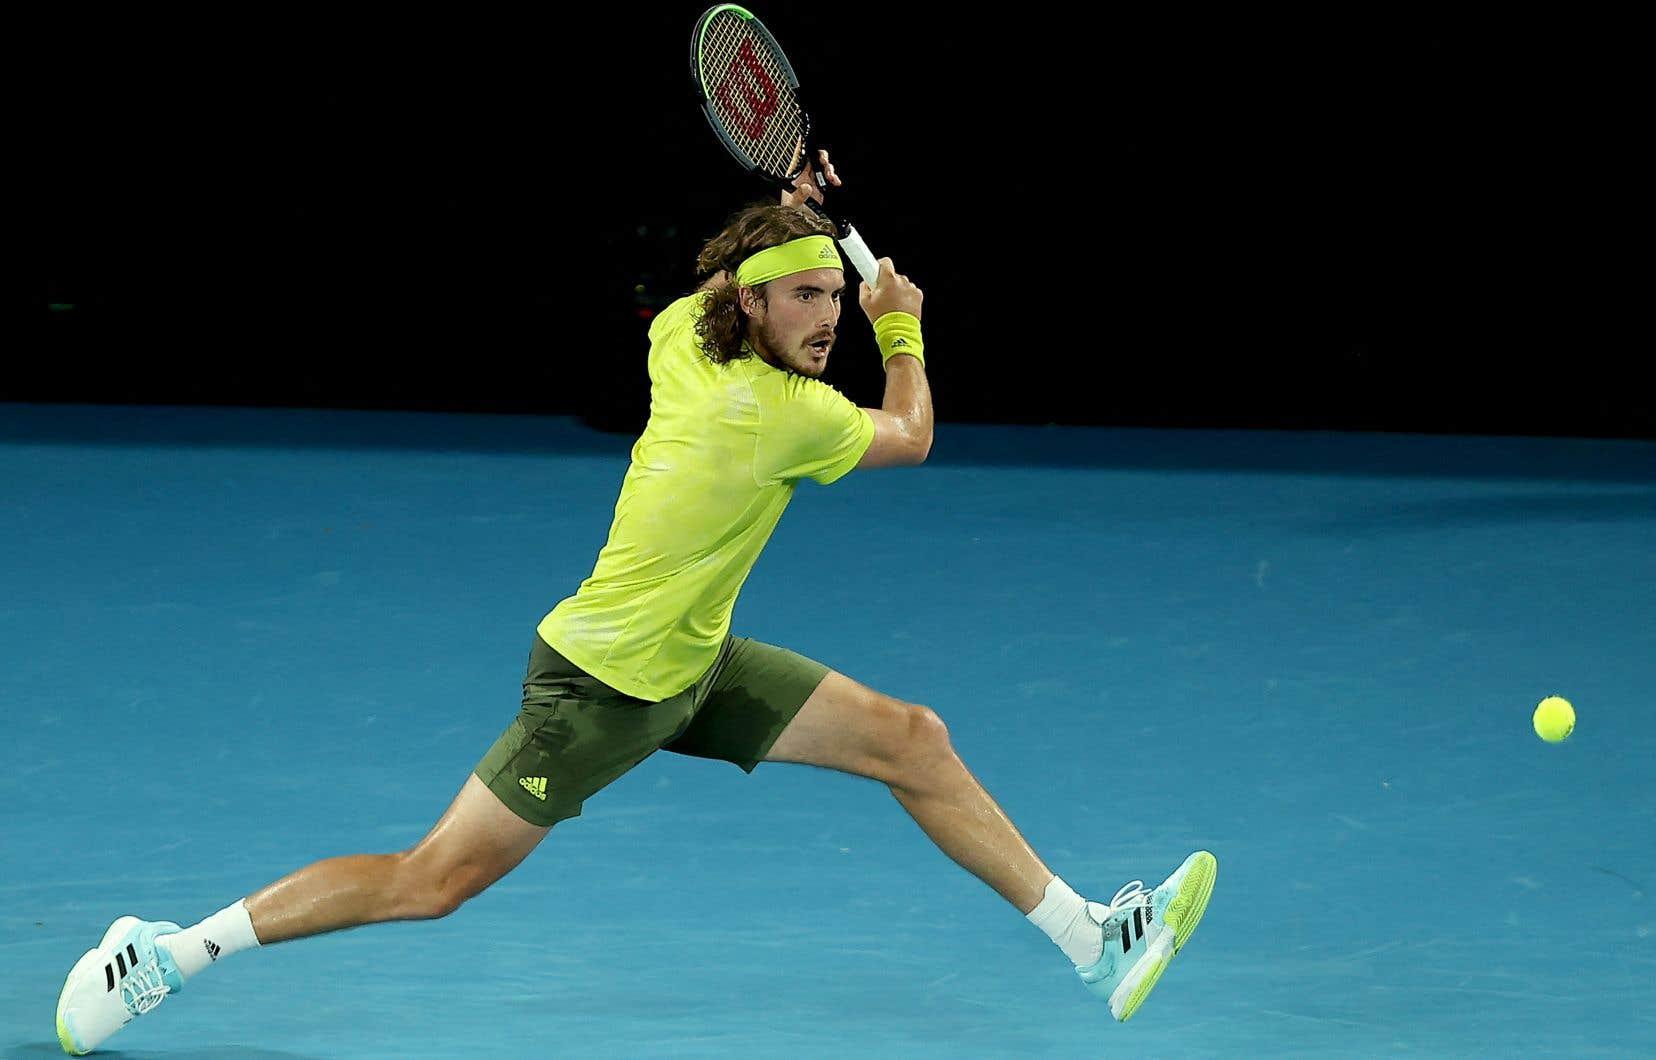 Selon Nadal, Tsitsipas a joué du tennis de «très, très haut niveau» au cours des deux derniers sets, alors que son jeu déclinait.